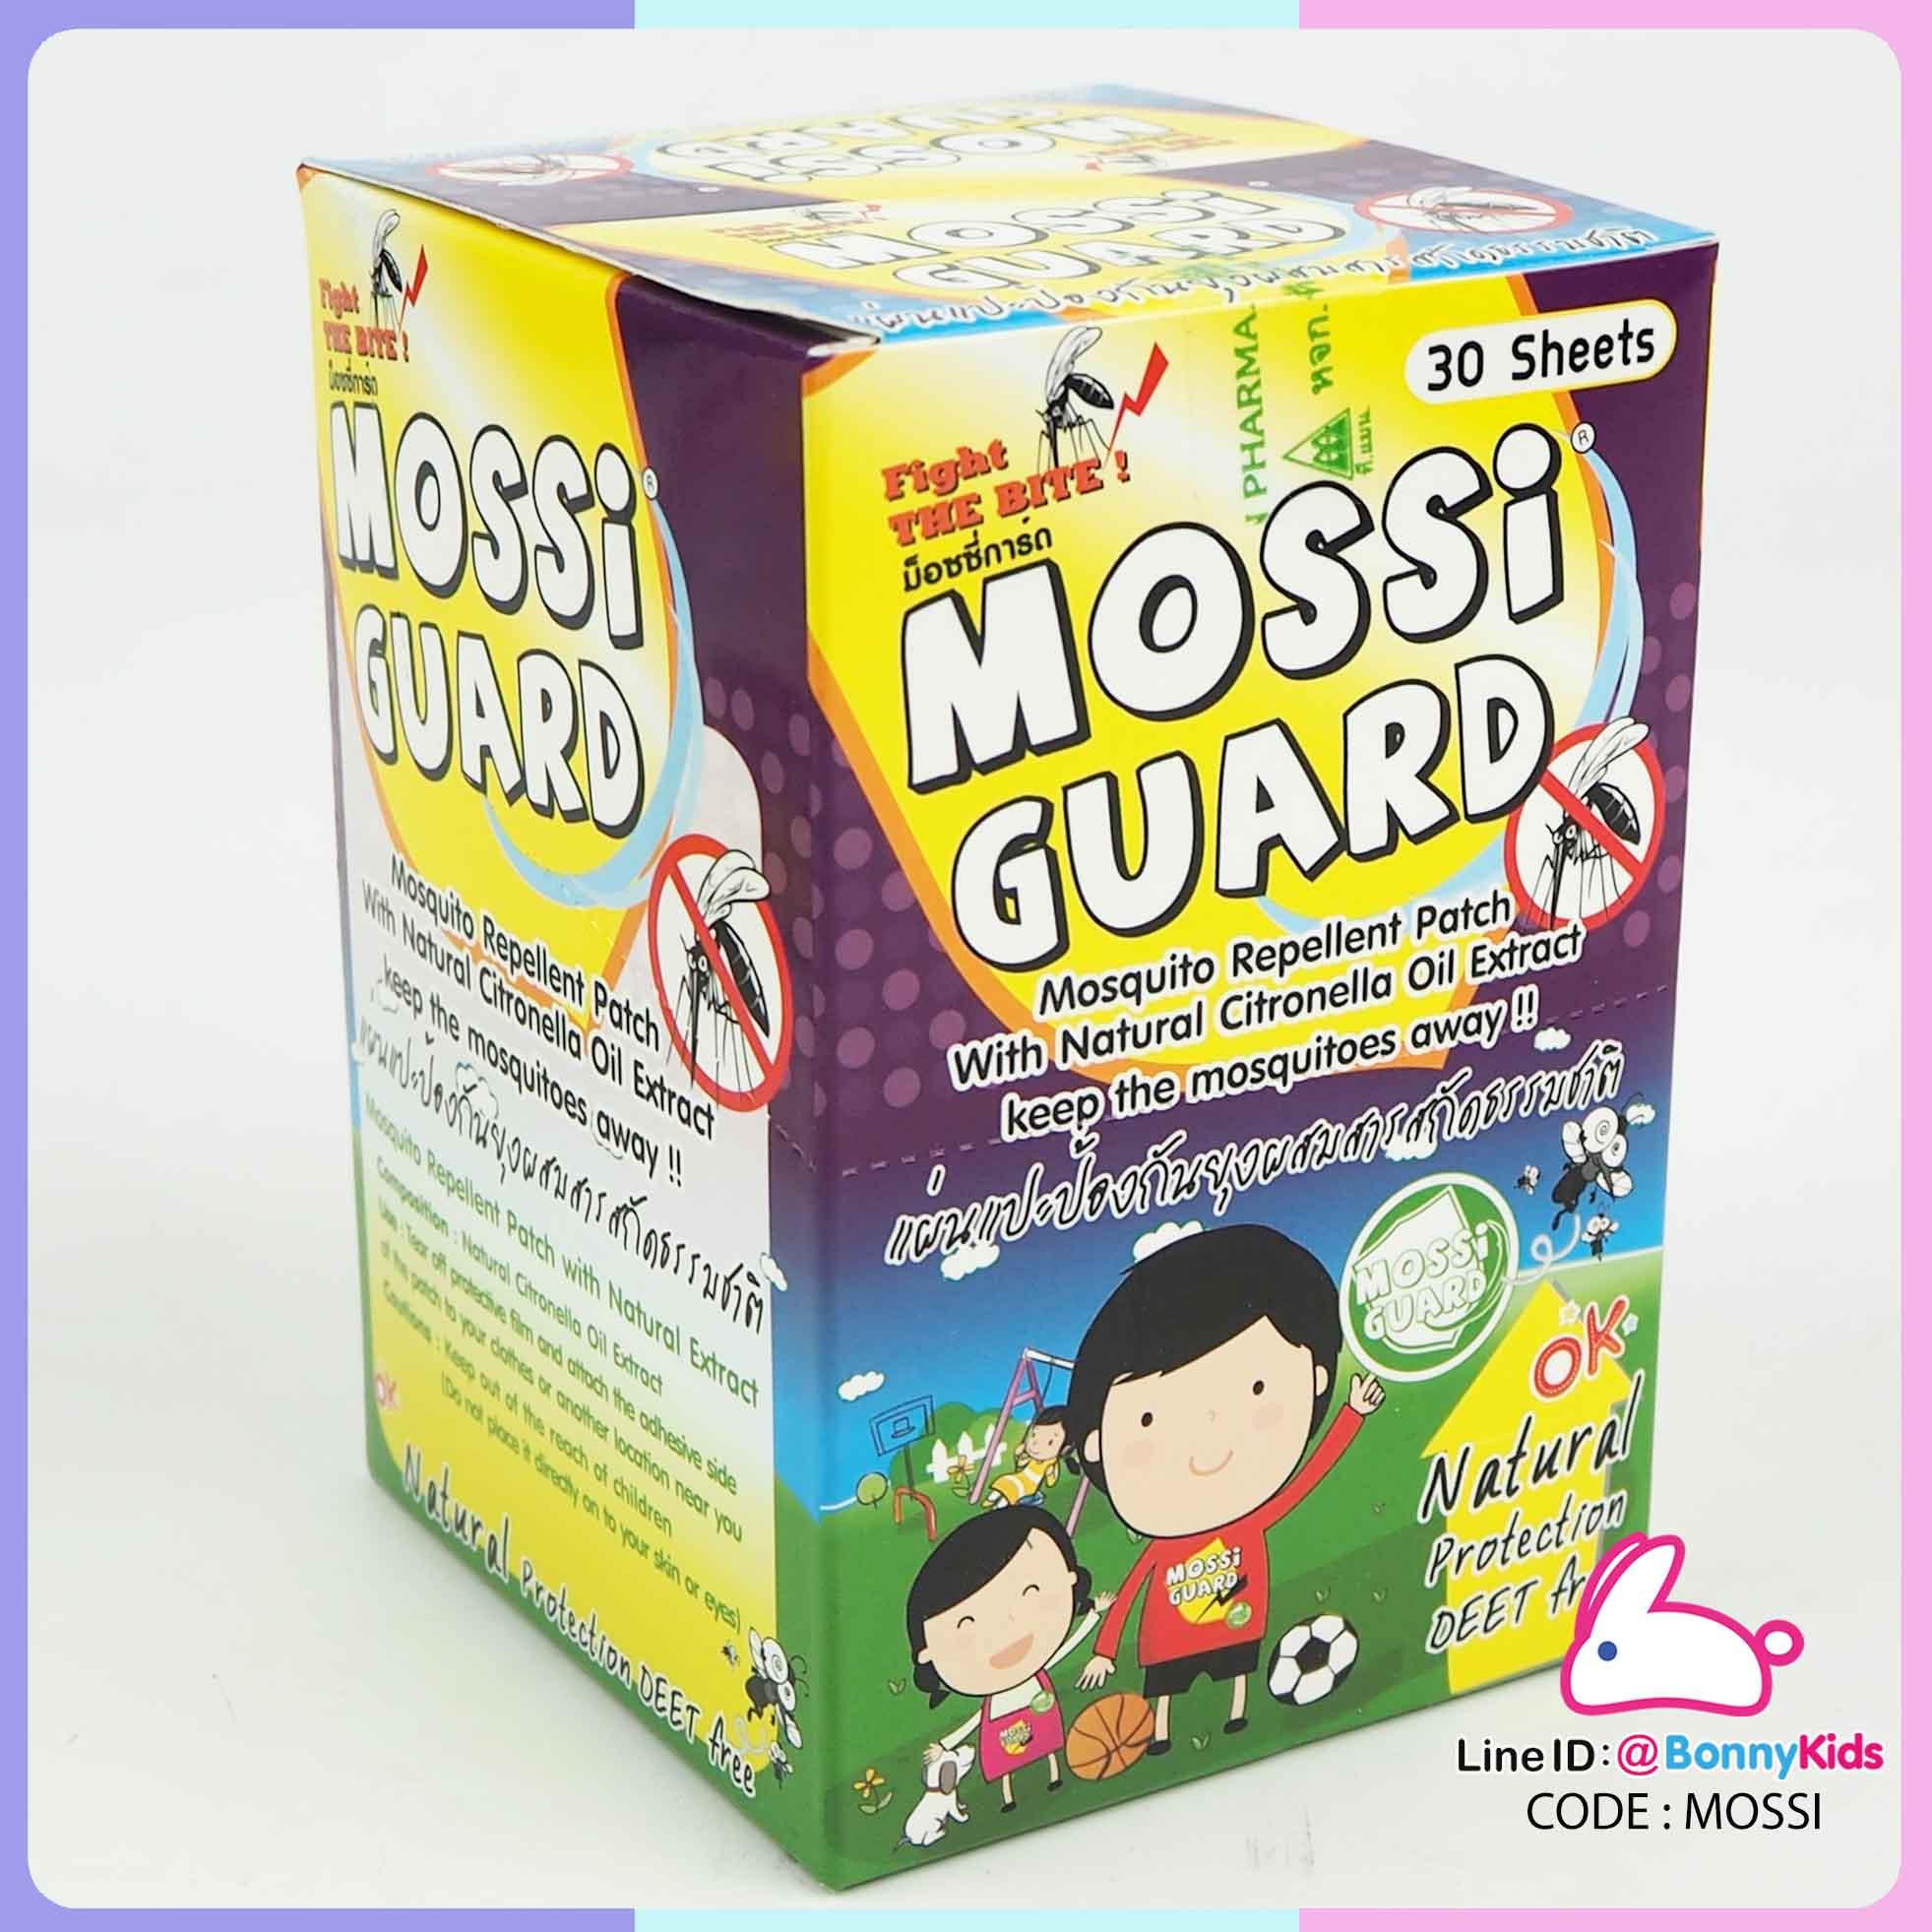 แผ่นแปะป้องกันยุง MOSSI GUARD 1 กล่อง 30 แพ็ค (60 ชิ้น)